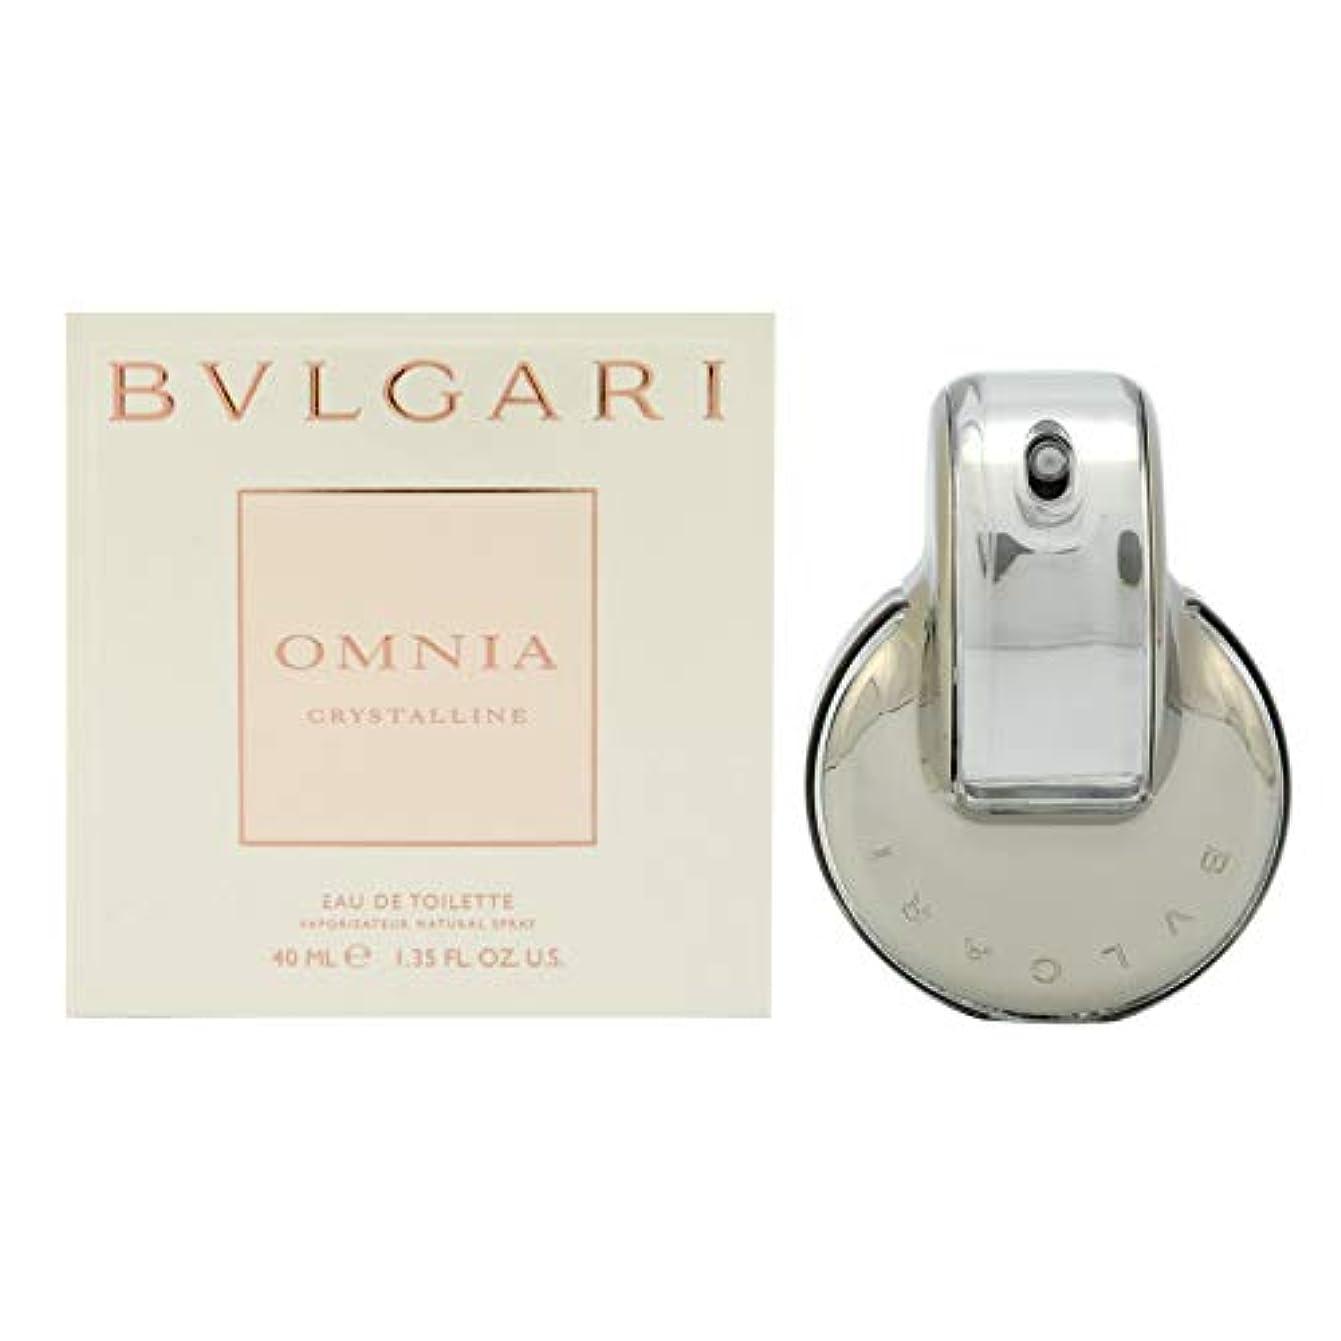 代わりにシール美徳BVLGARI(ブルガリ) ブルガリ オムニア クリスタリン EDT[並行輸入品] スプレー 単品 40ml